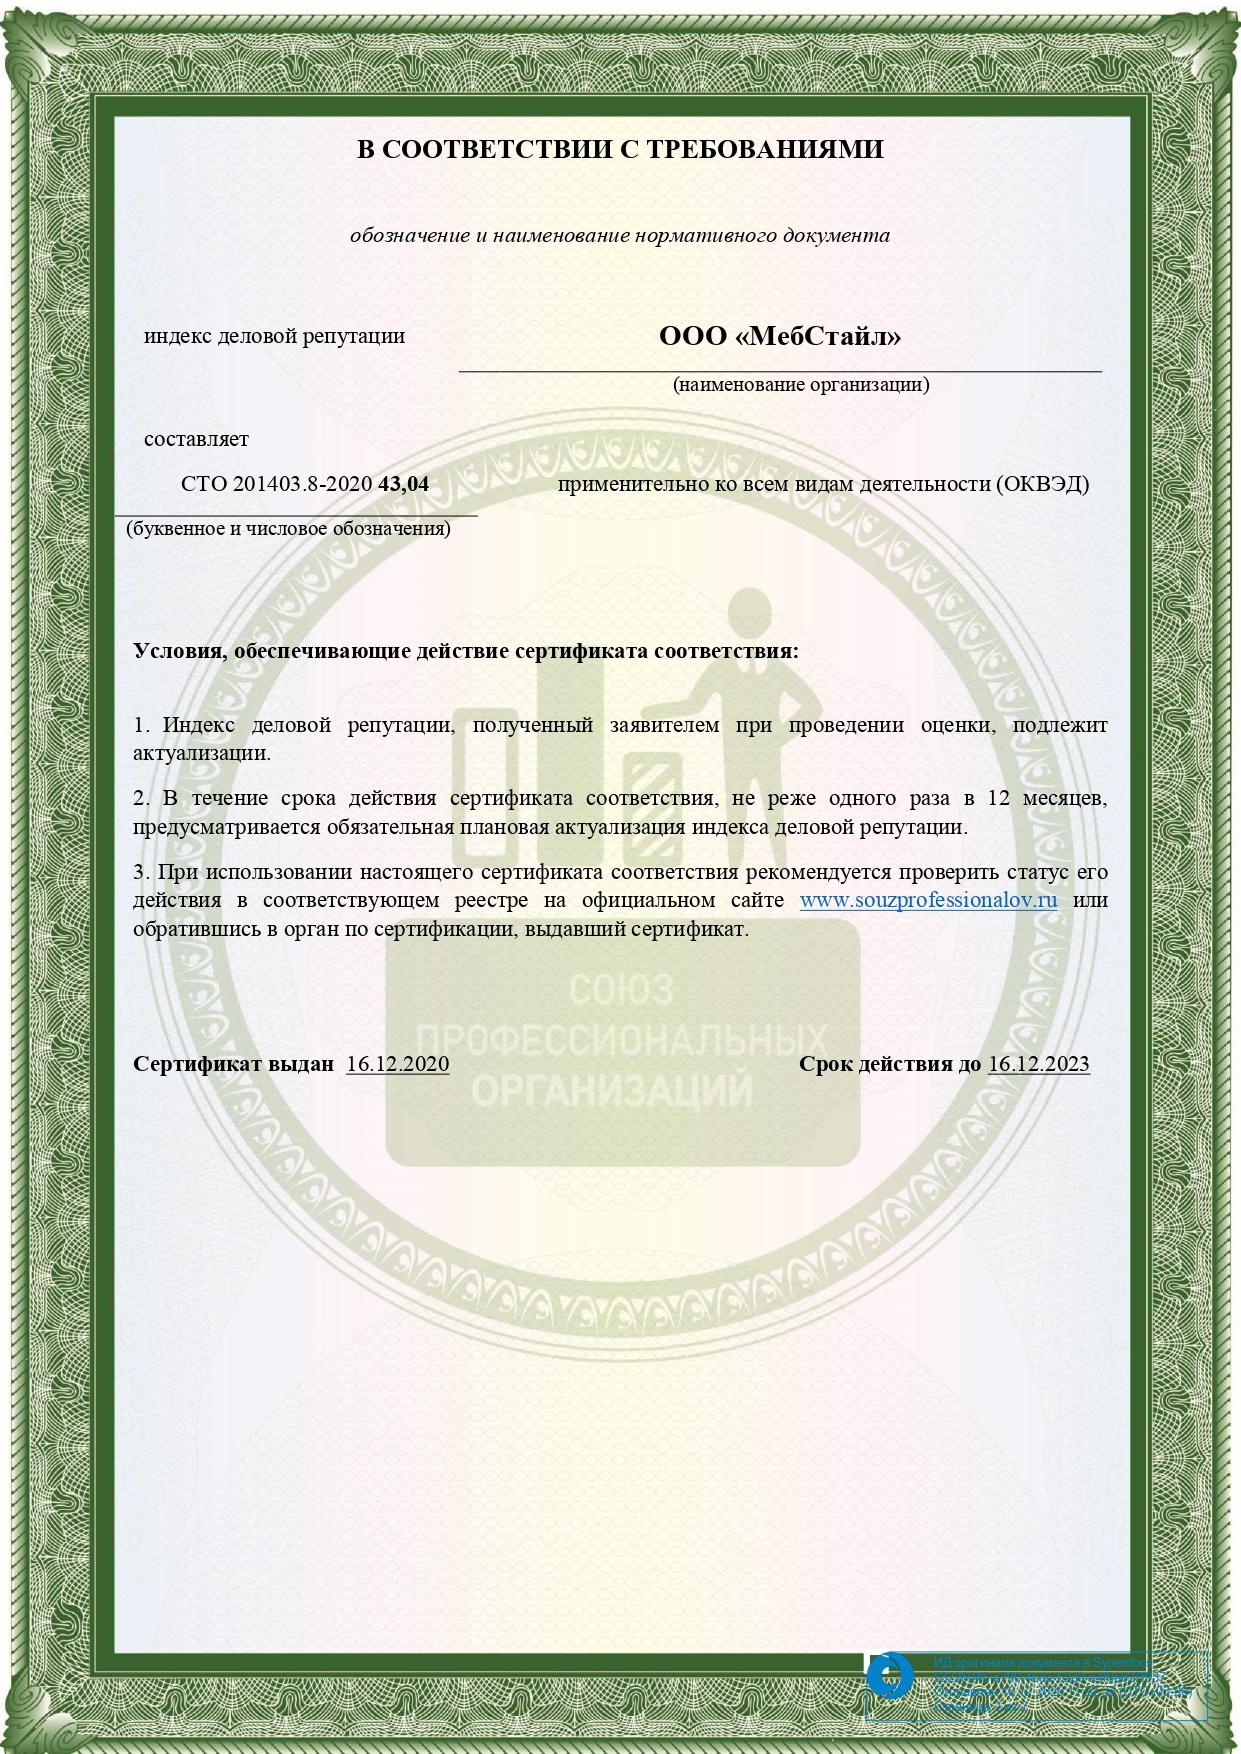 сертификат качества мебстайл